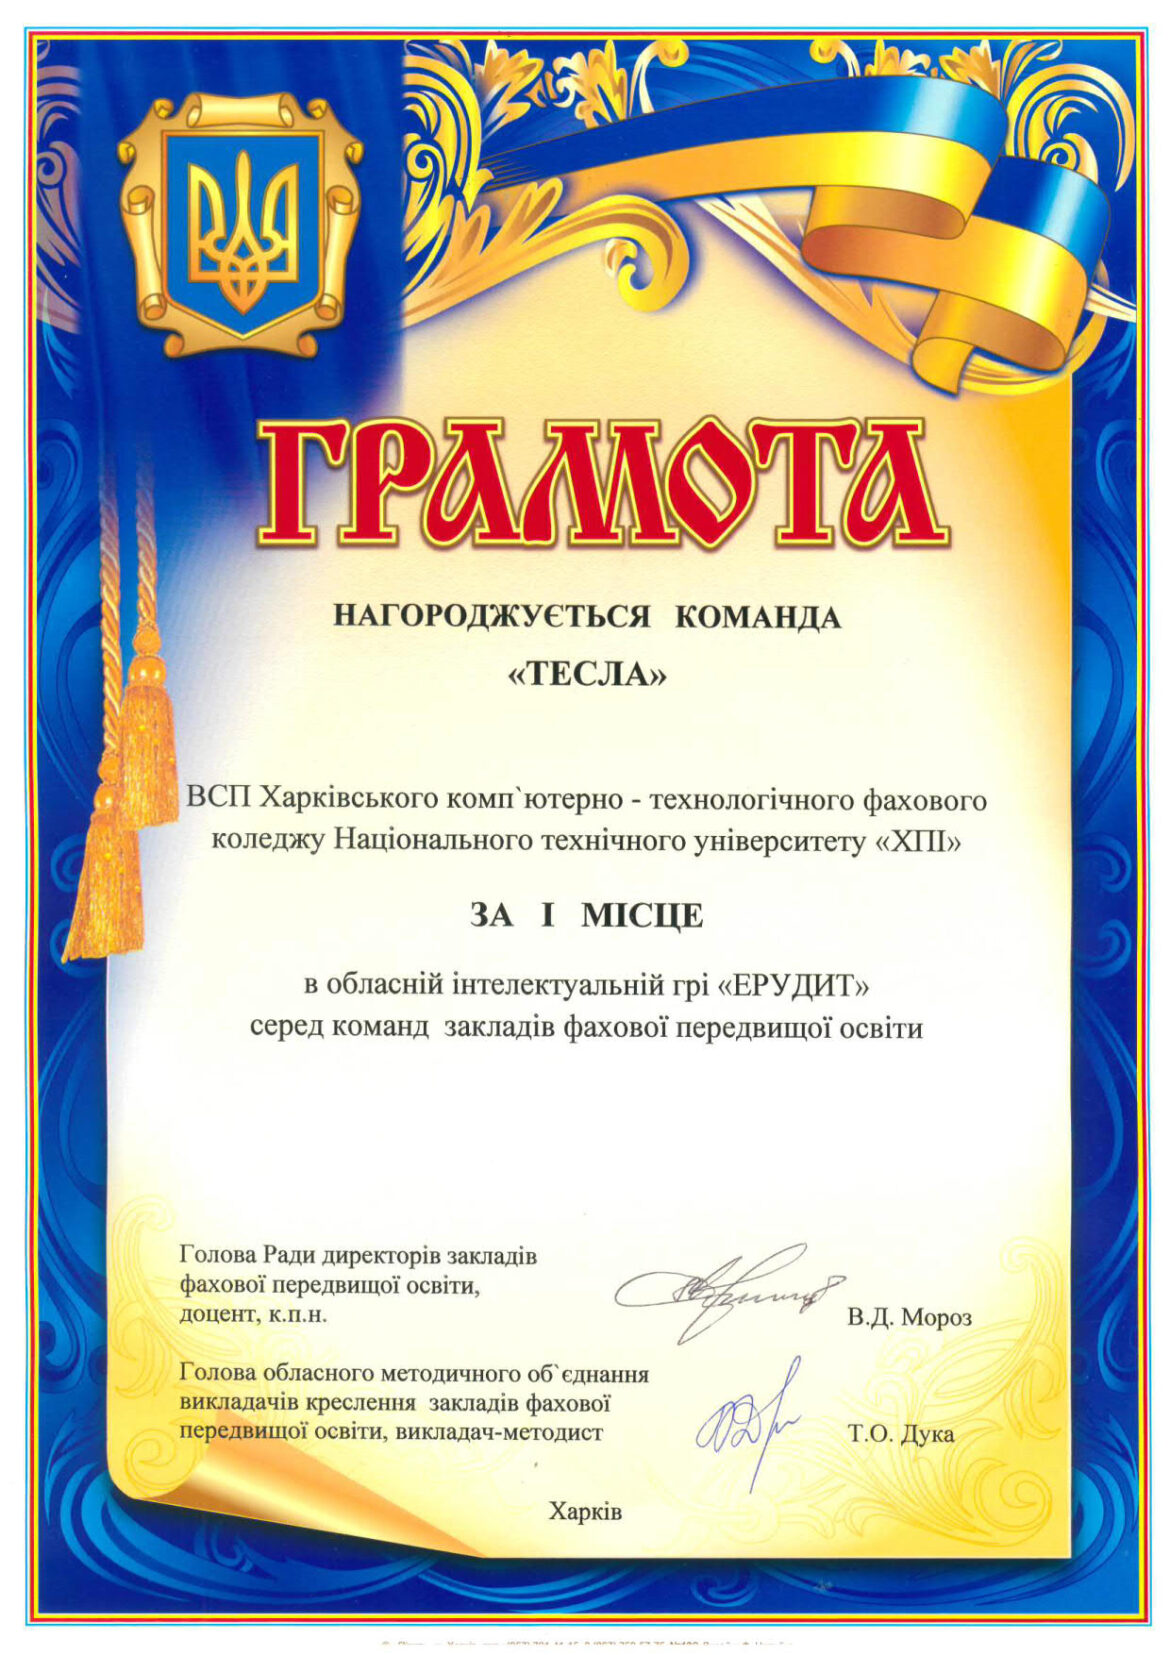 Коледж посів перше місце в обласній інтелектуальній грі «Ерудит»